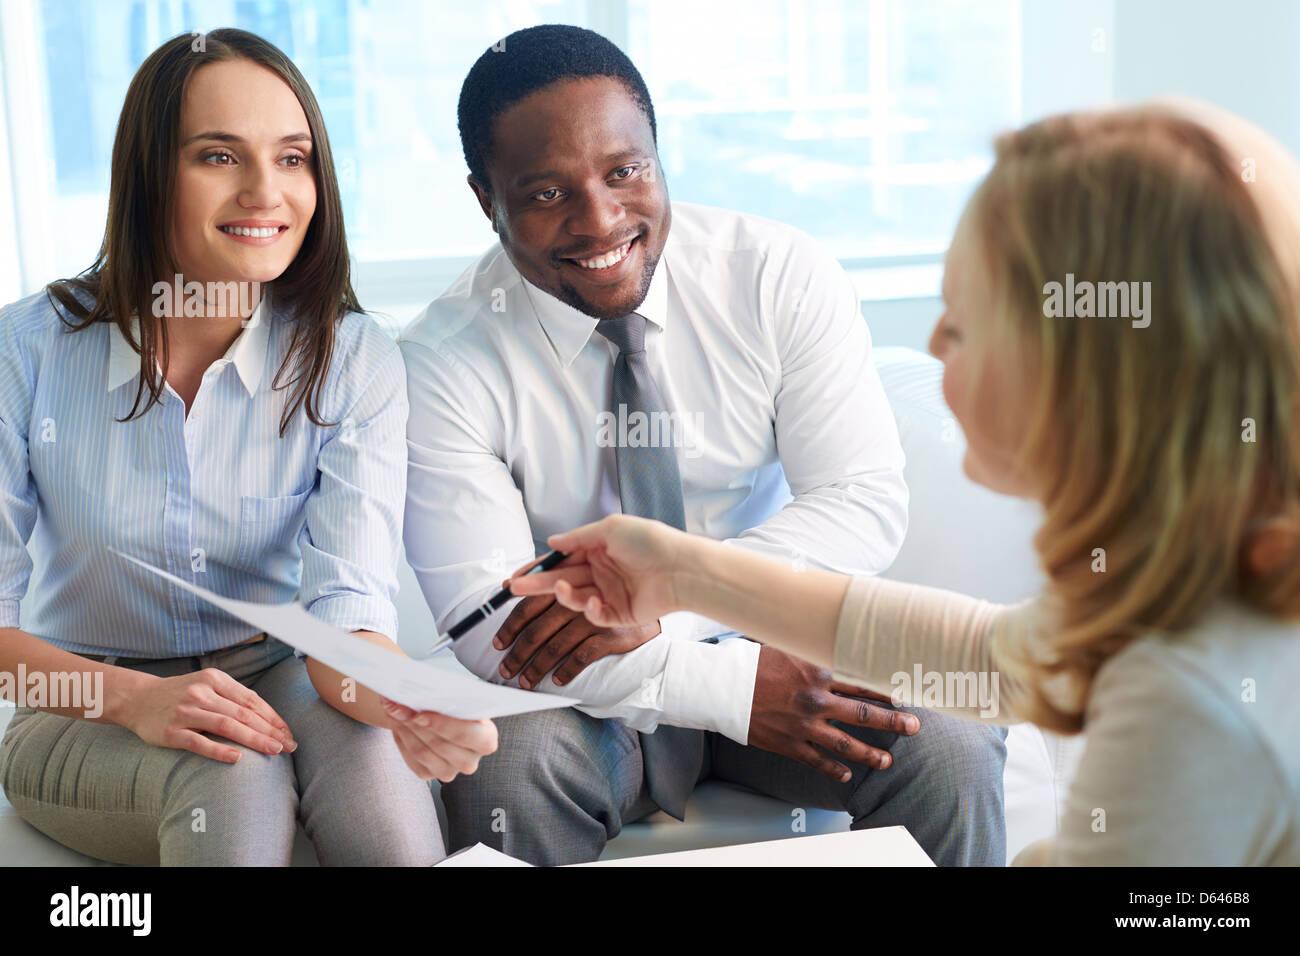 Immagine di certi colleghi guardando il loro business partner offrendo loro a firmare la carta in riunione Immagini Stock